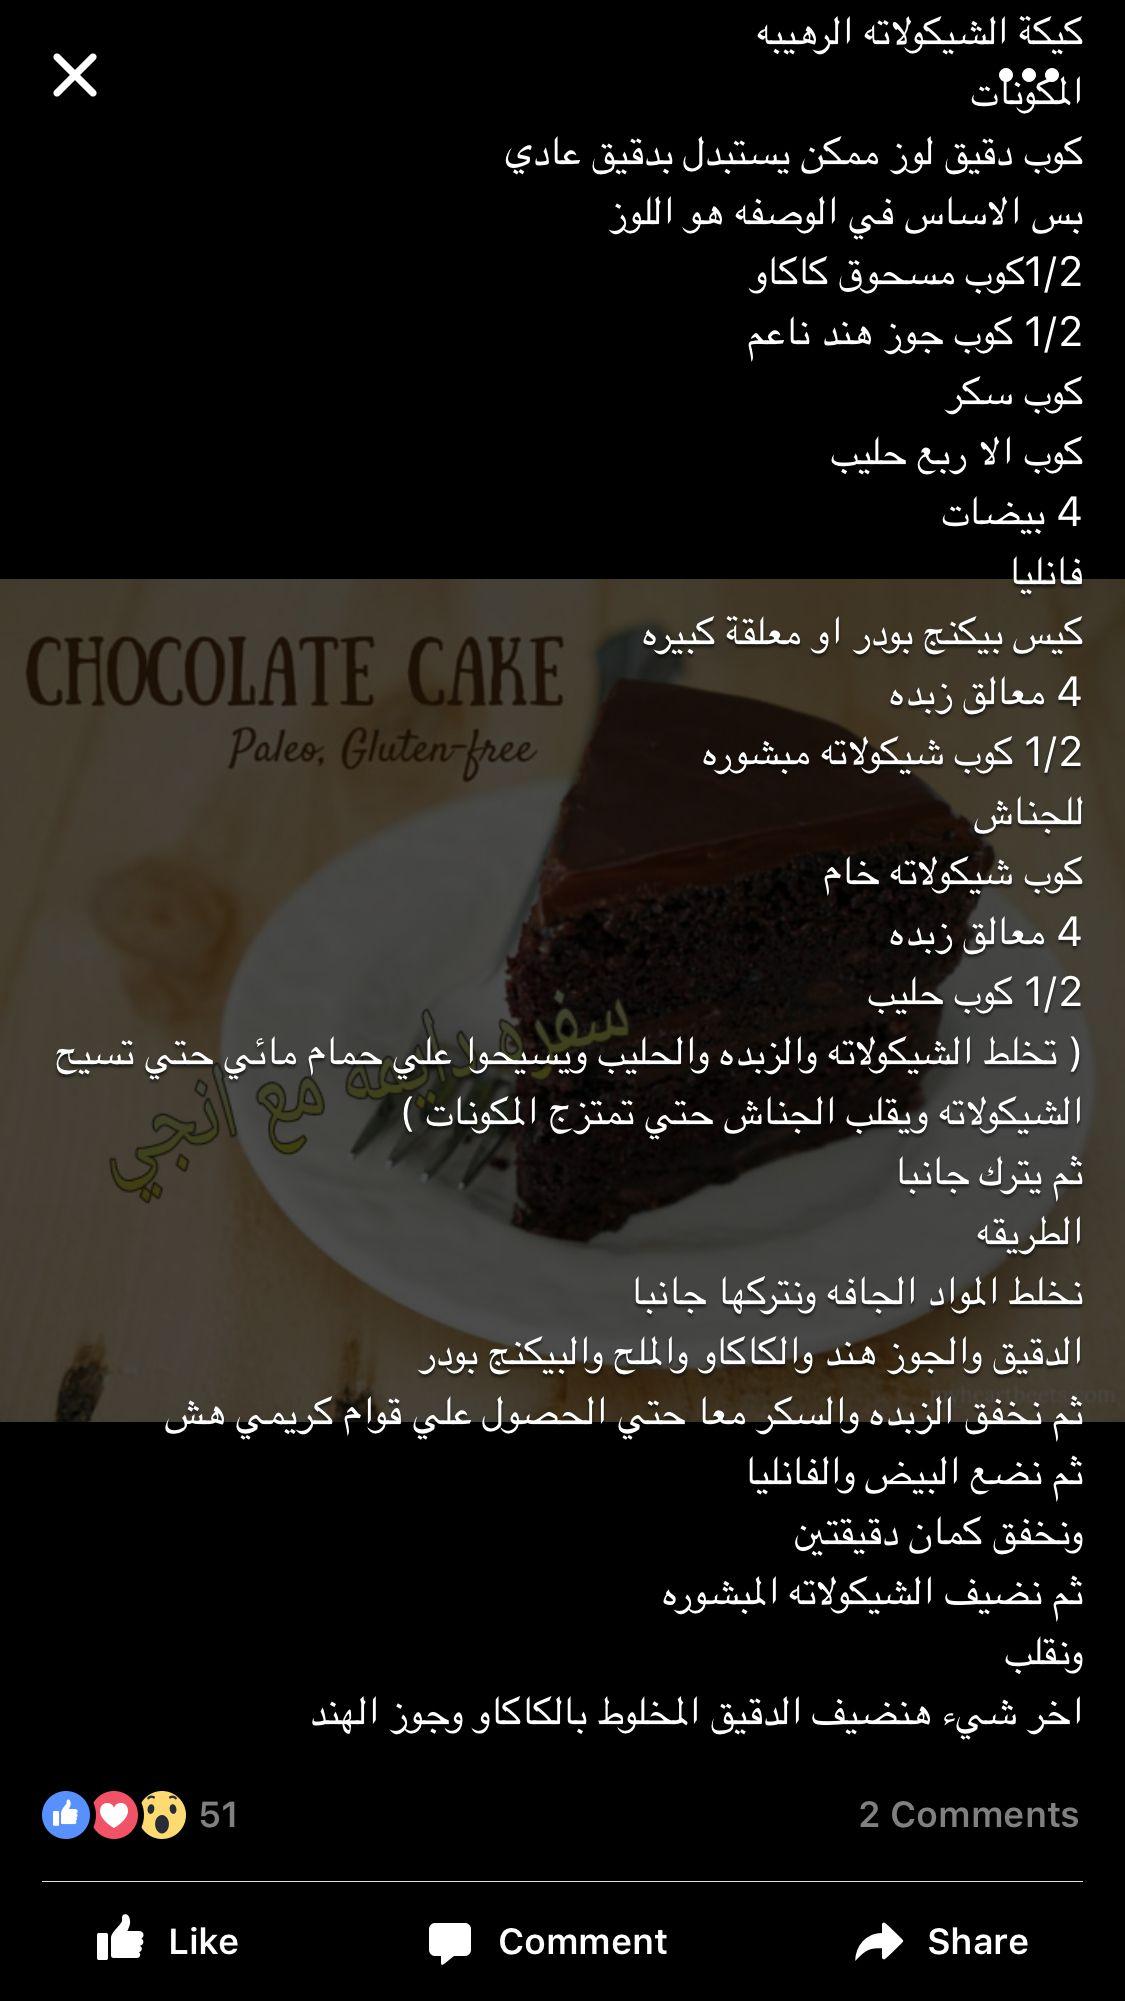 كيكة الشولا الرهيبة بدون دقيق خاليه من الجلوتين ١ Chocolate Cake Chocolate Tasty